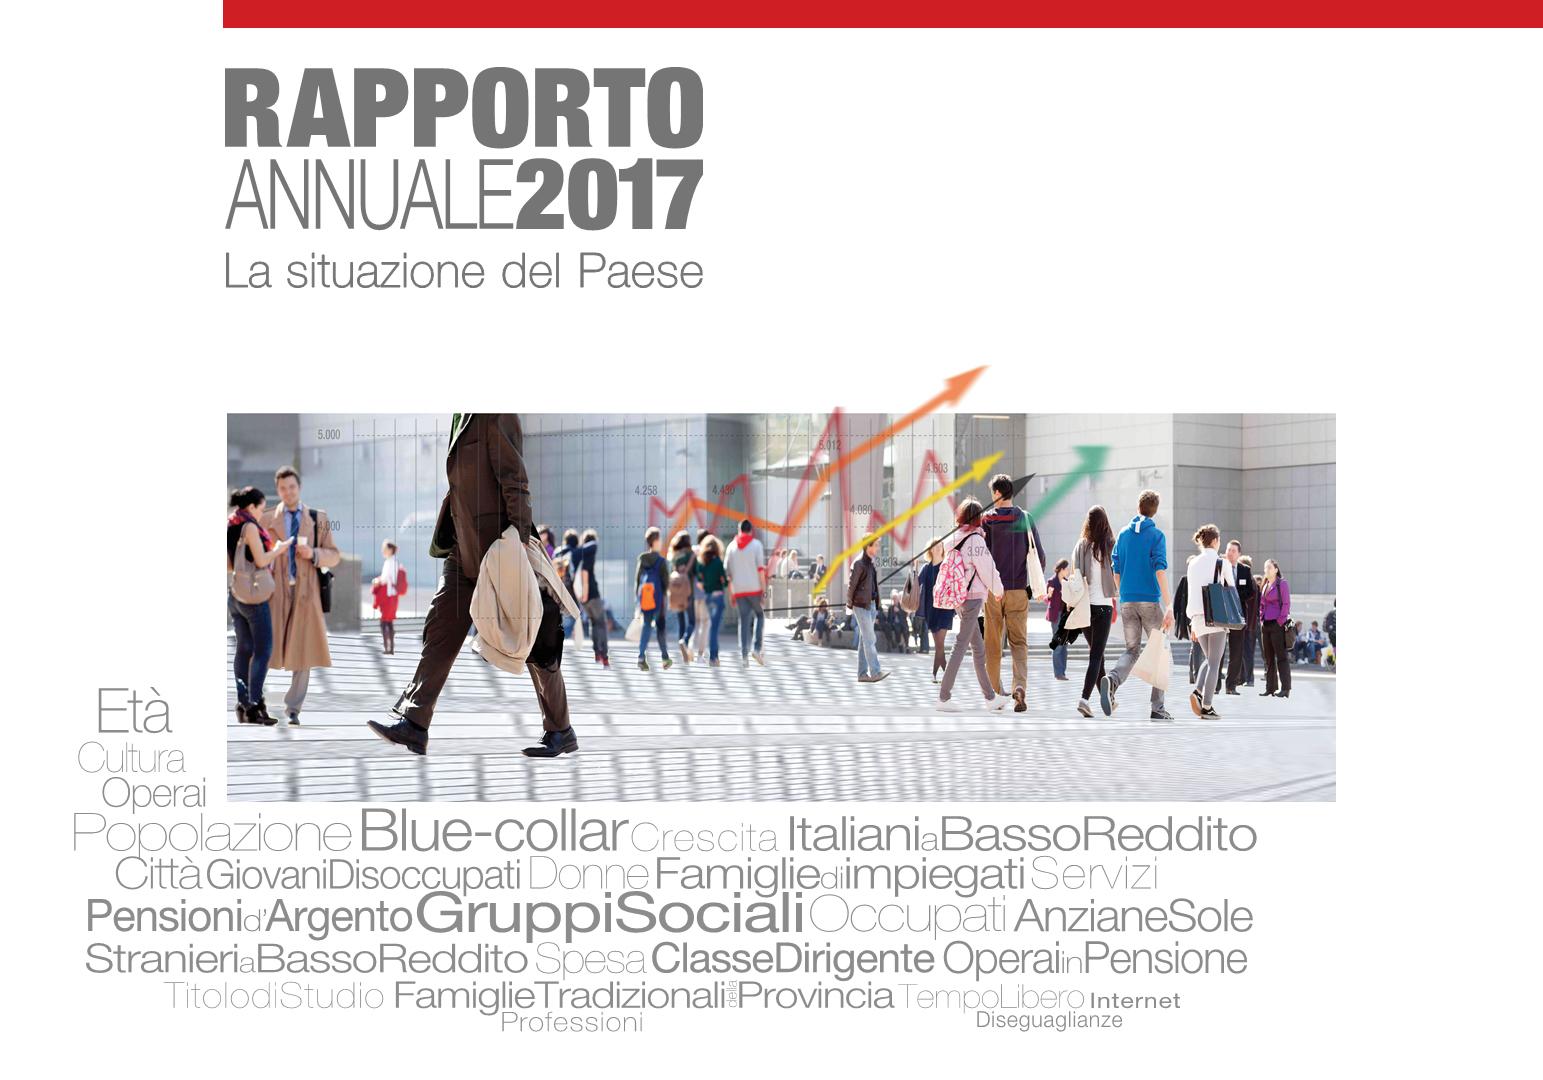 Rapporto ISTAT 2017: la spirale della disuguaglianza